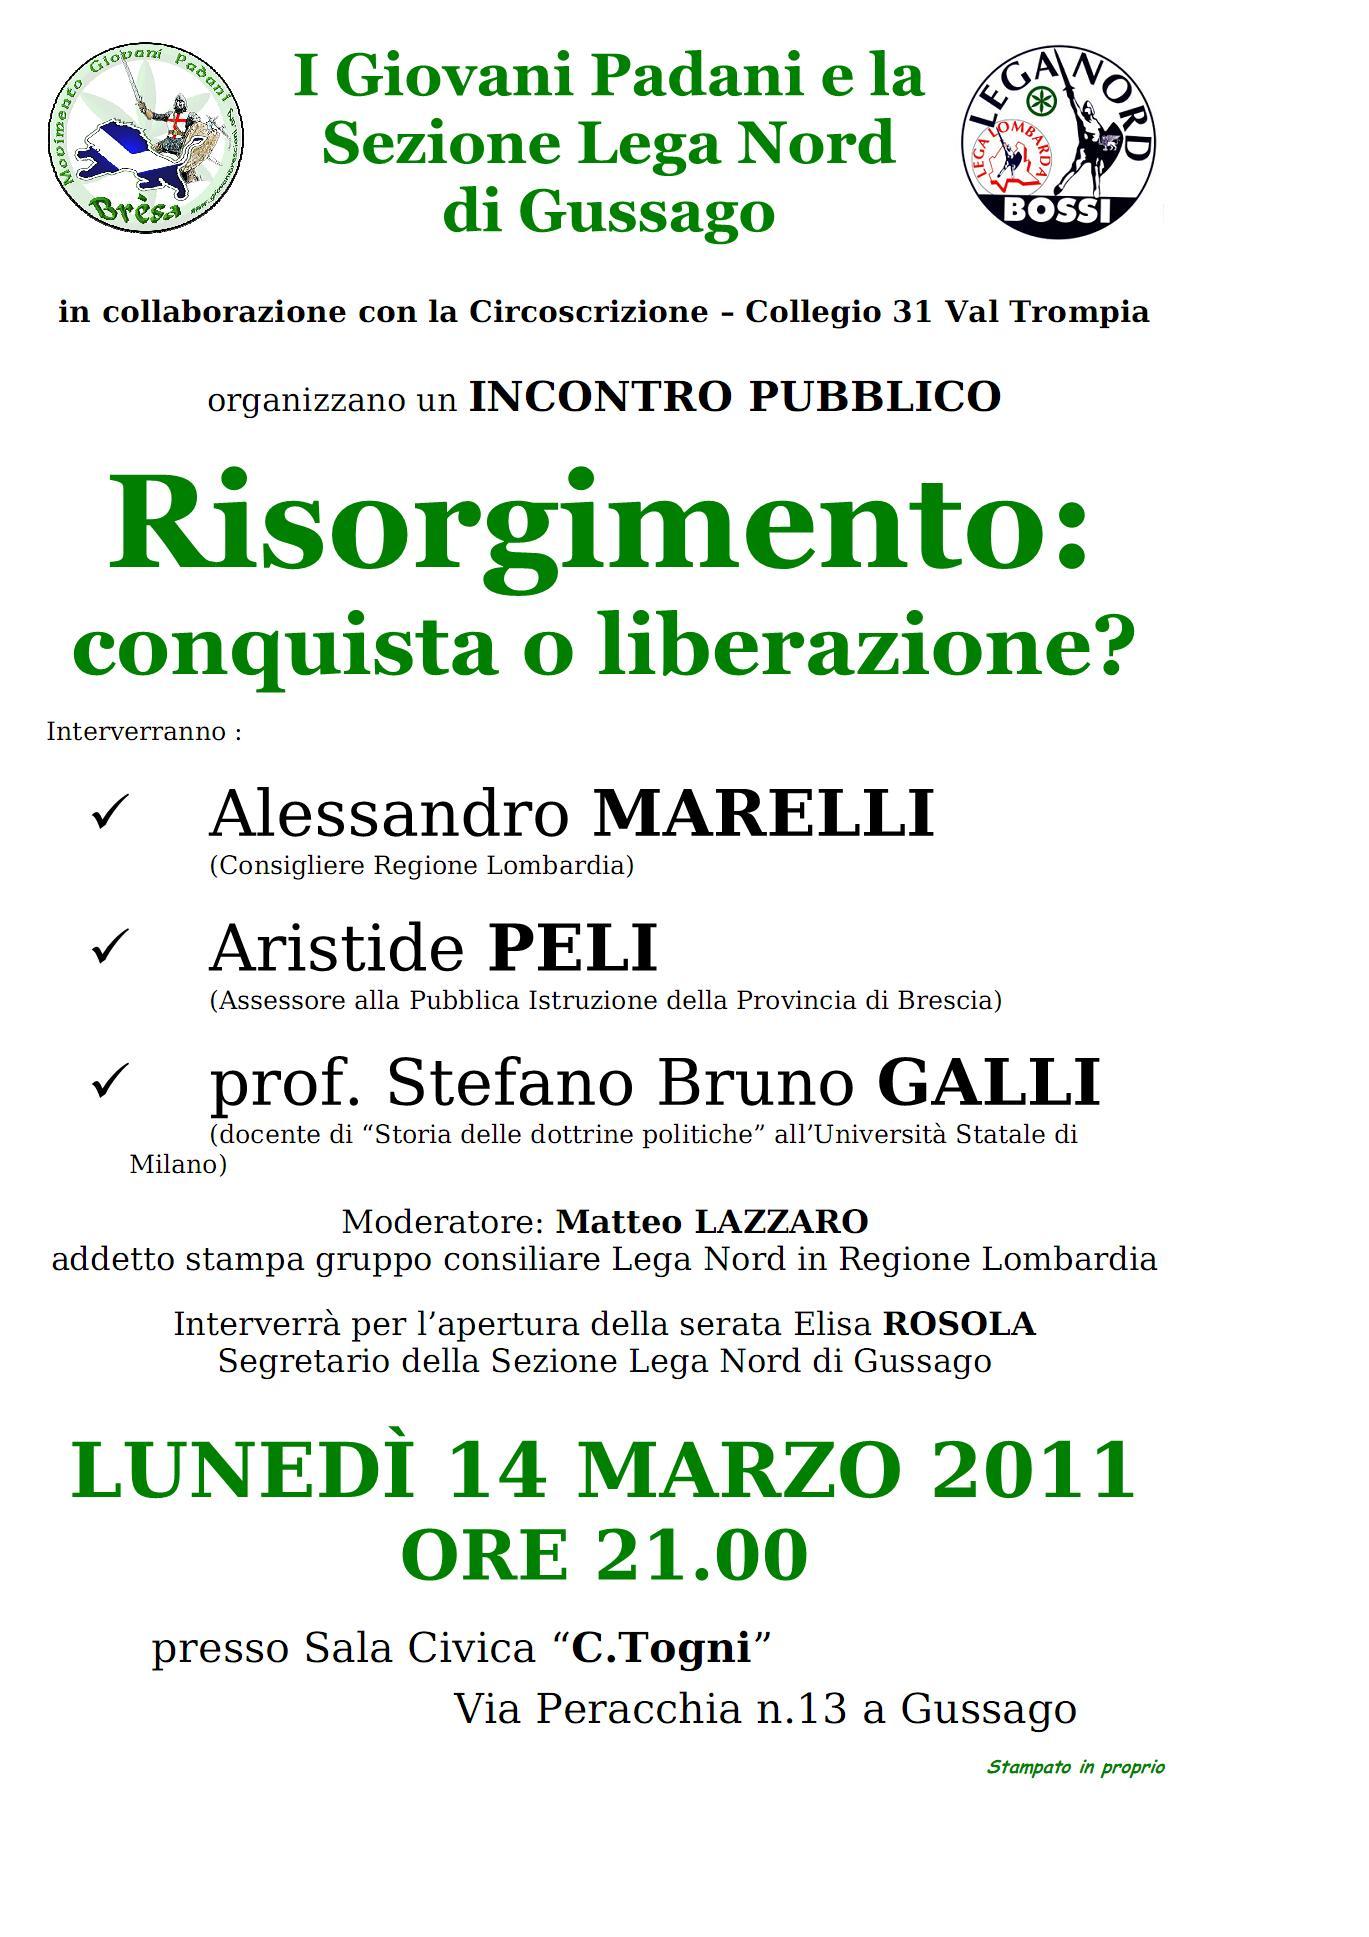 Incontro-14-marzo-2011